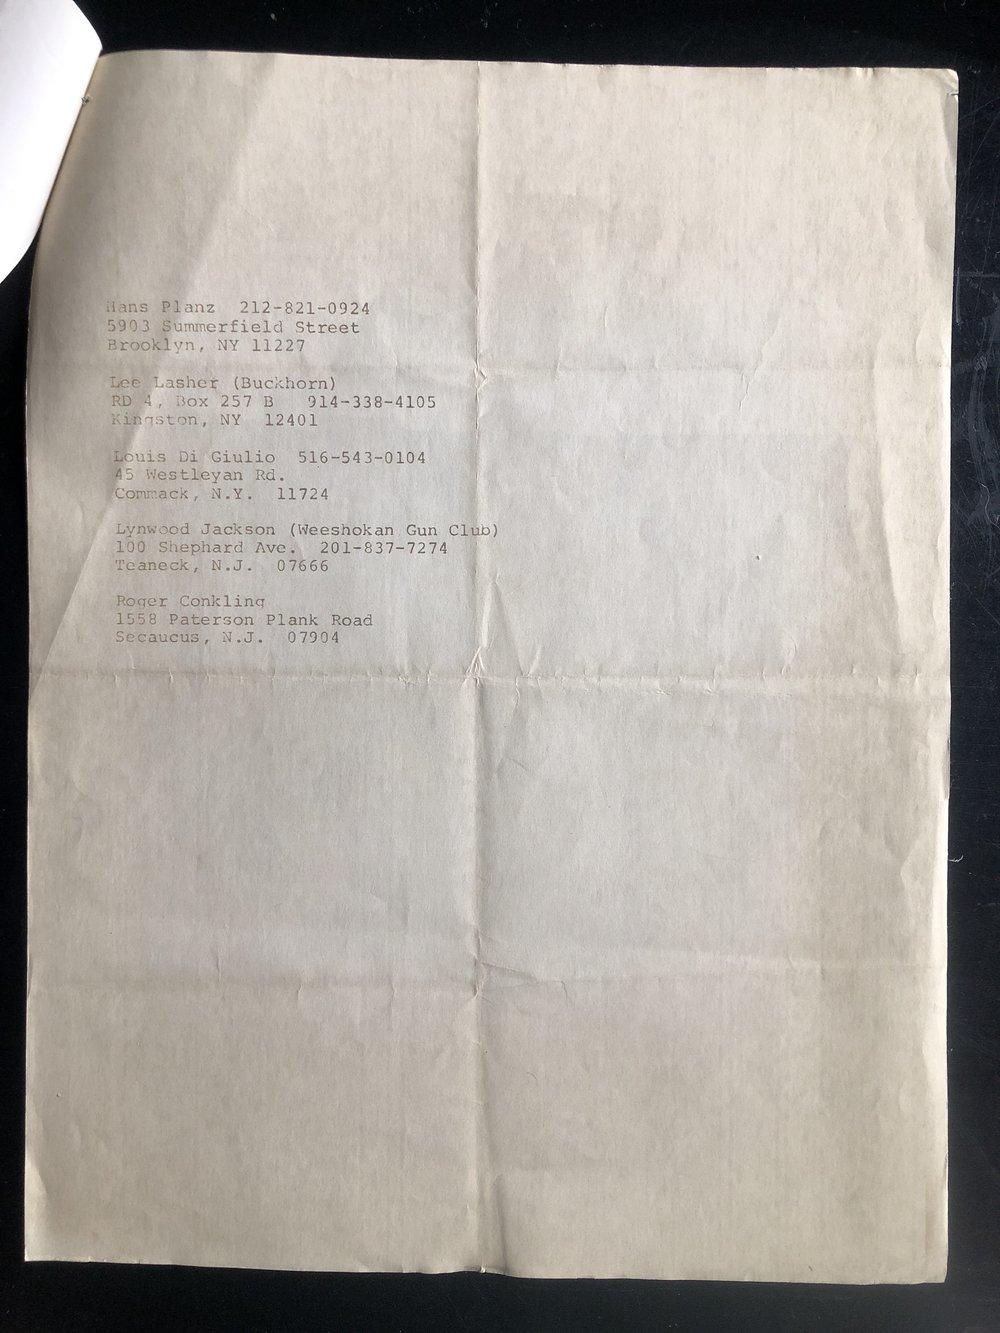 1969-OwnersList2.JPG